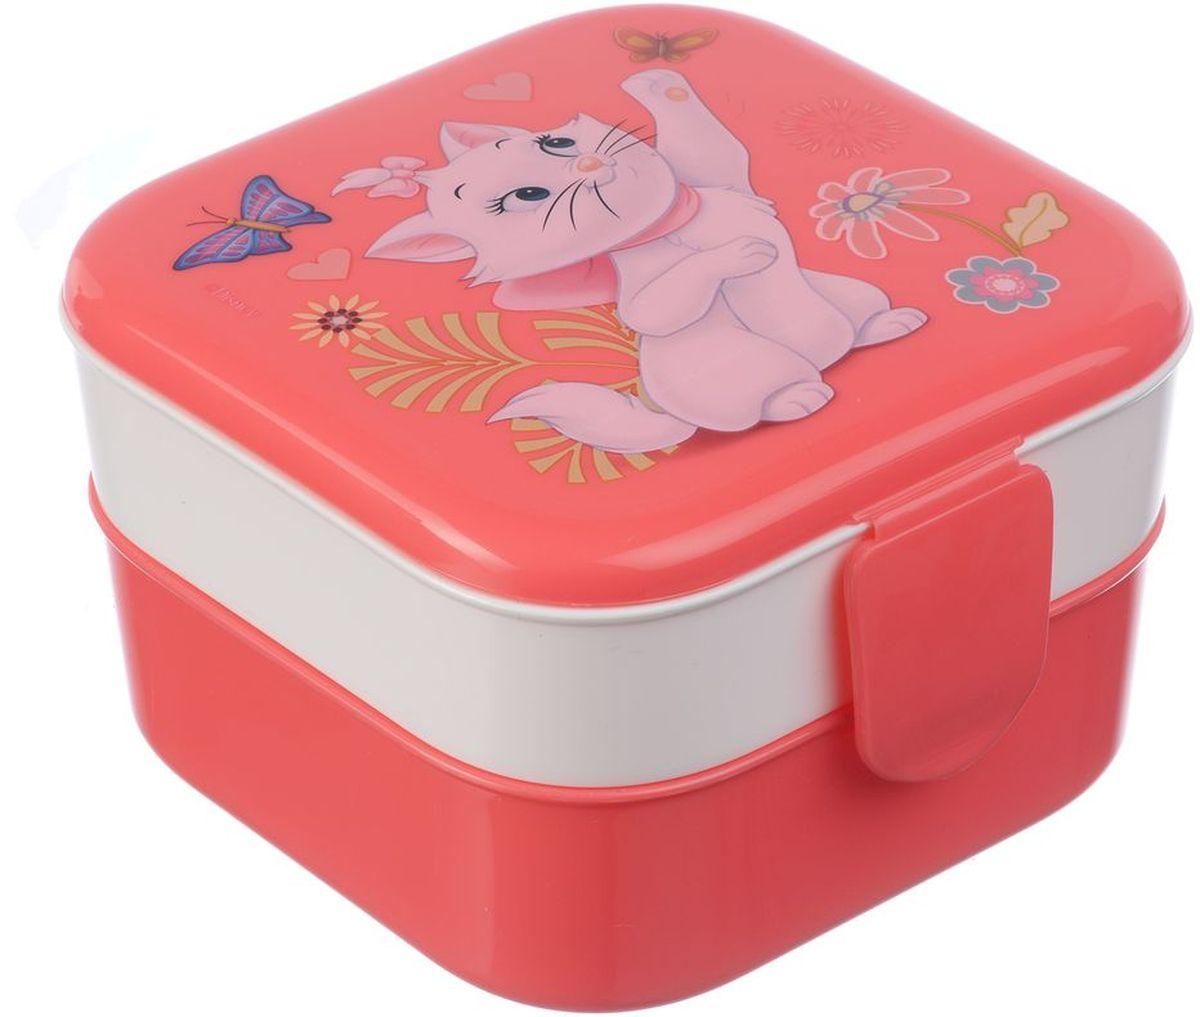 Контейнер Idea Disney. Мари, 2 секции, цвет: коралловый контейнер для хранения idea океаник цвет голубой 20 л